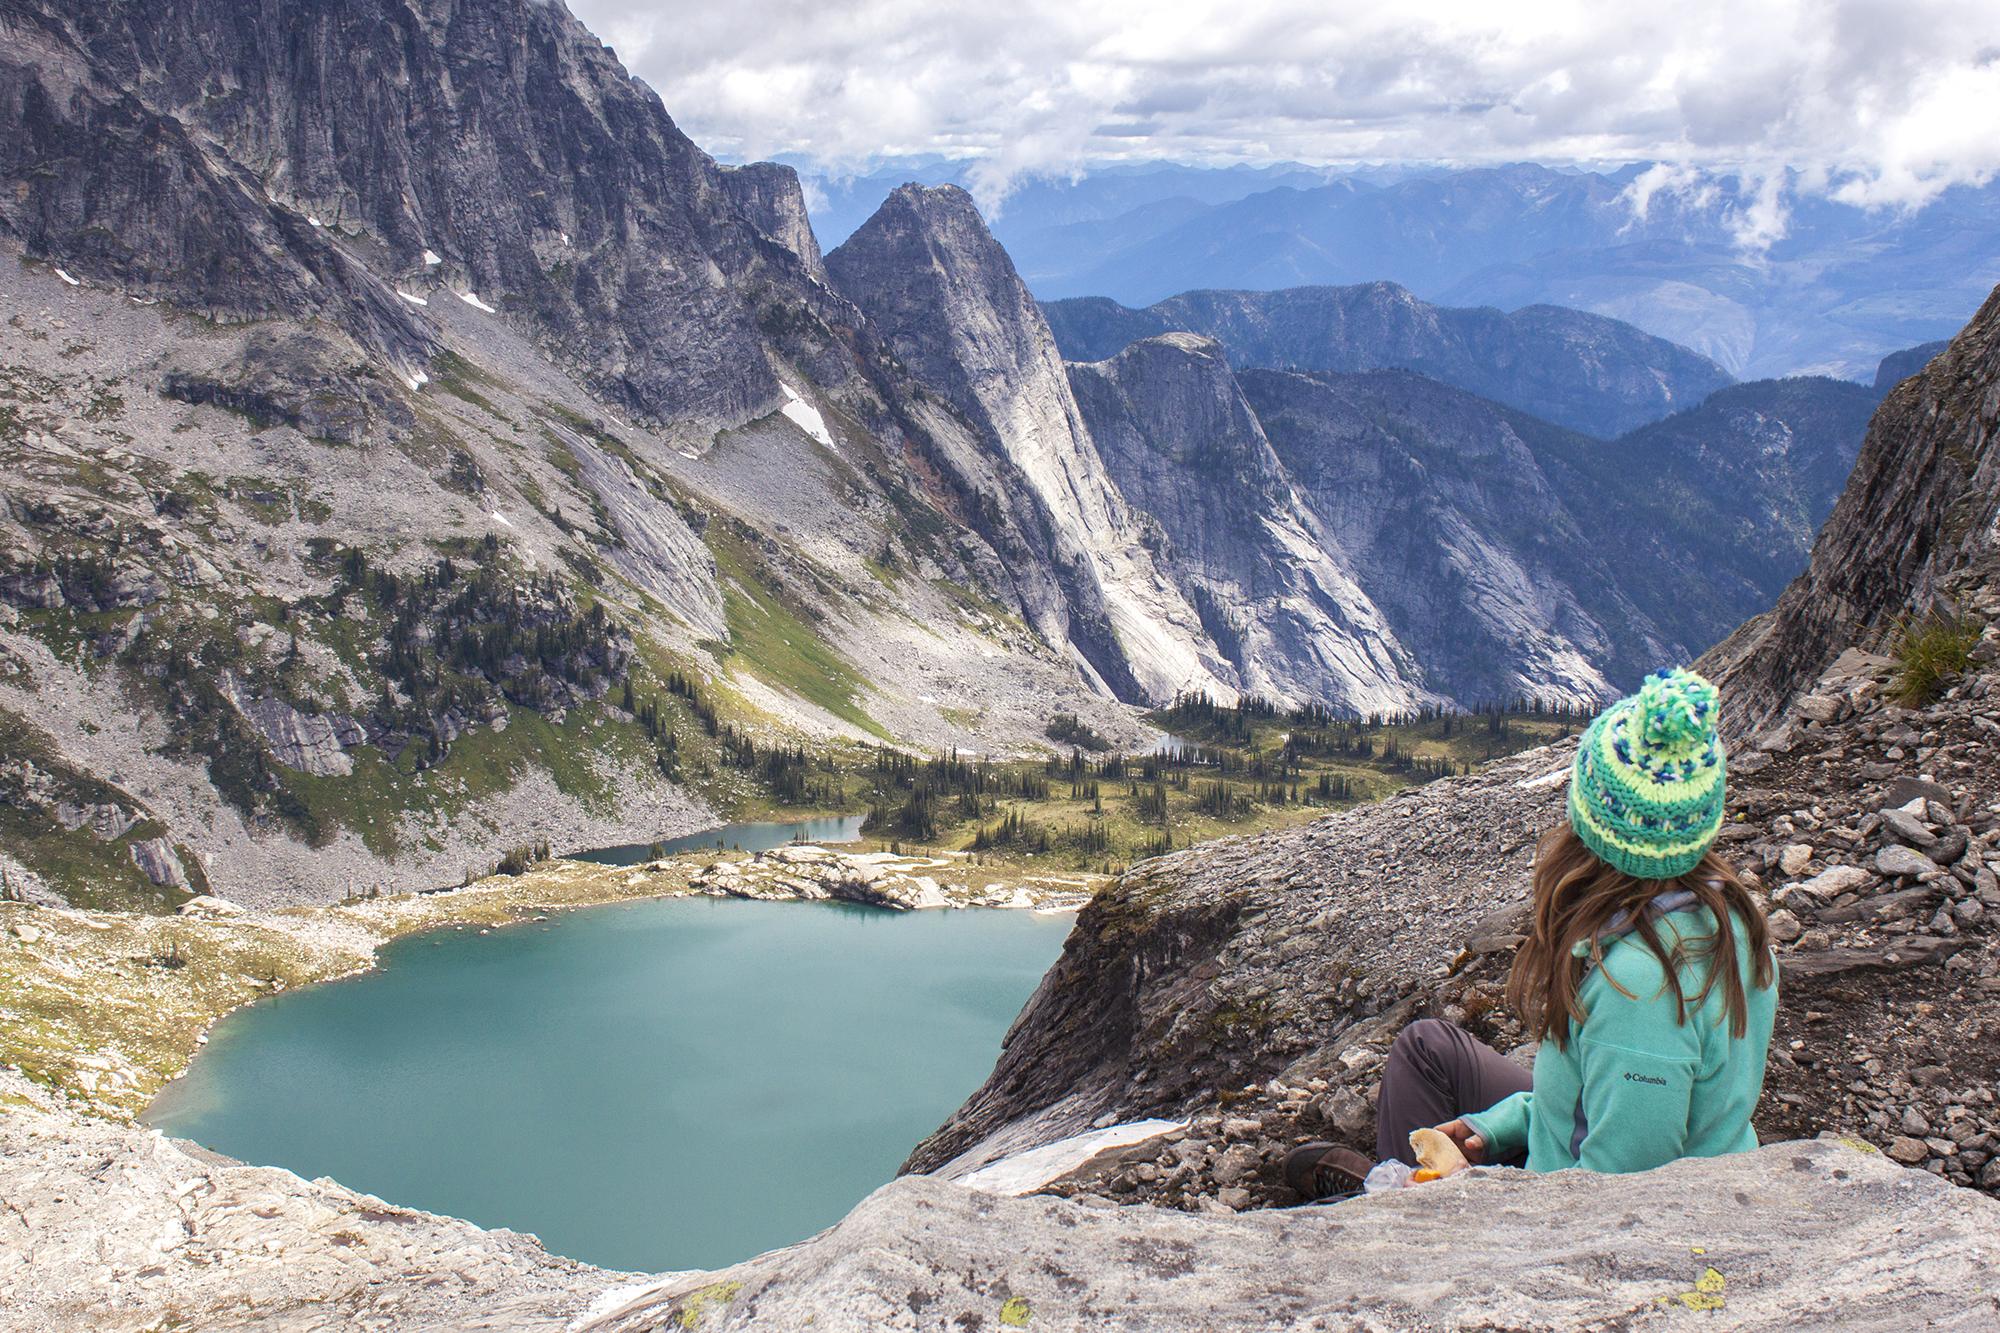 Gina Rock Rock Climbing